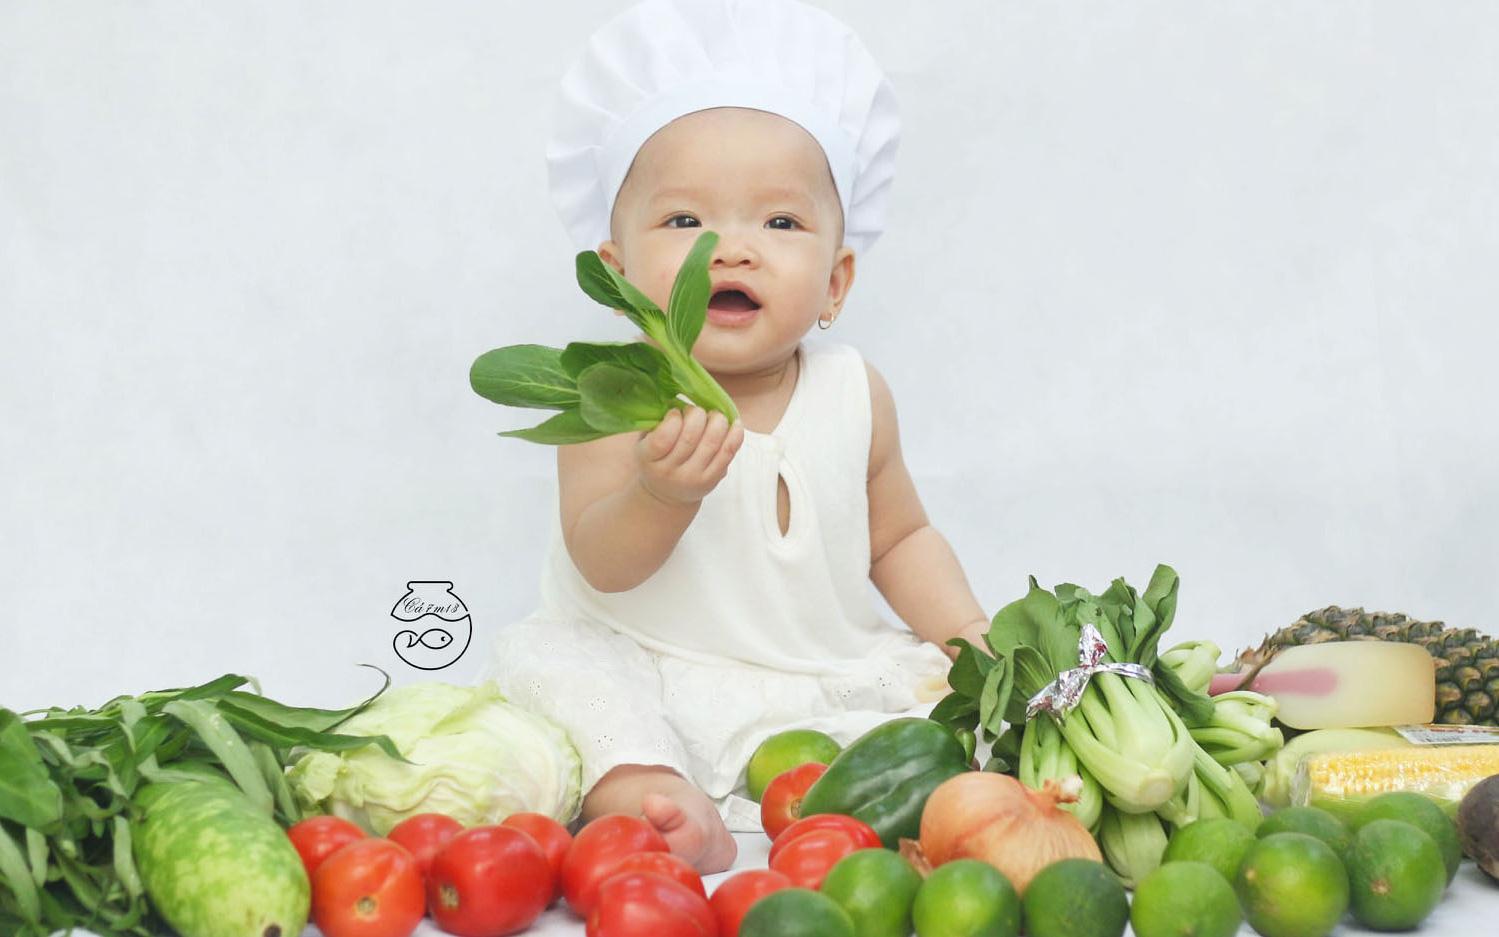 """Nhờ mỗi chiếc nồi luộc gà và rau củ trong bếp, mẹ trẻ giúp con có ngay bộ ảnh """"xịn mịn"""" chẳng kém gì ngoài tiệm"""